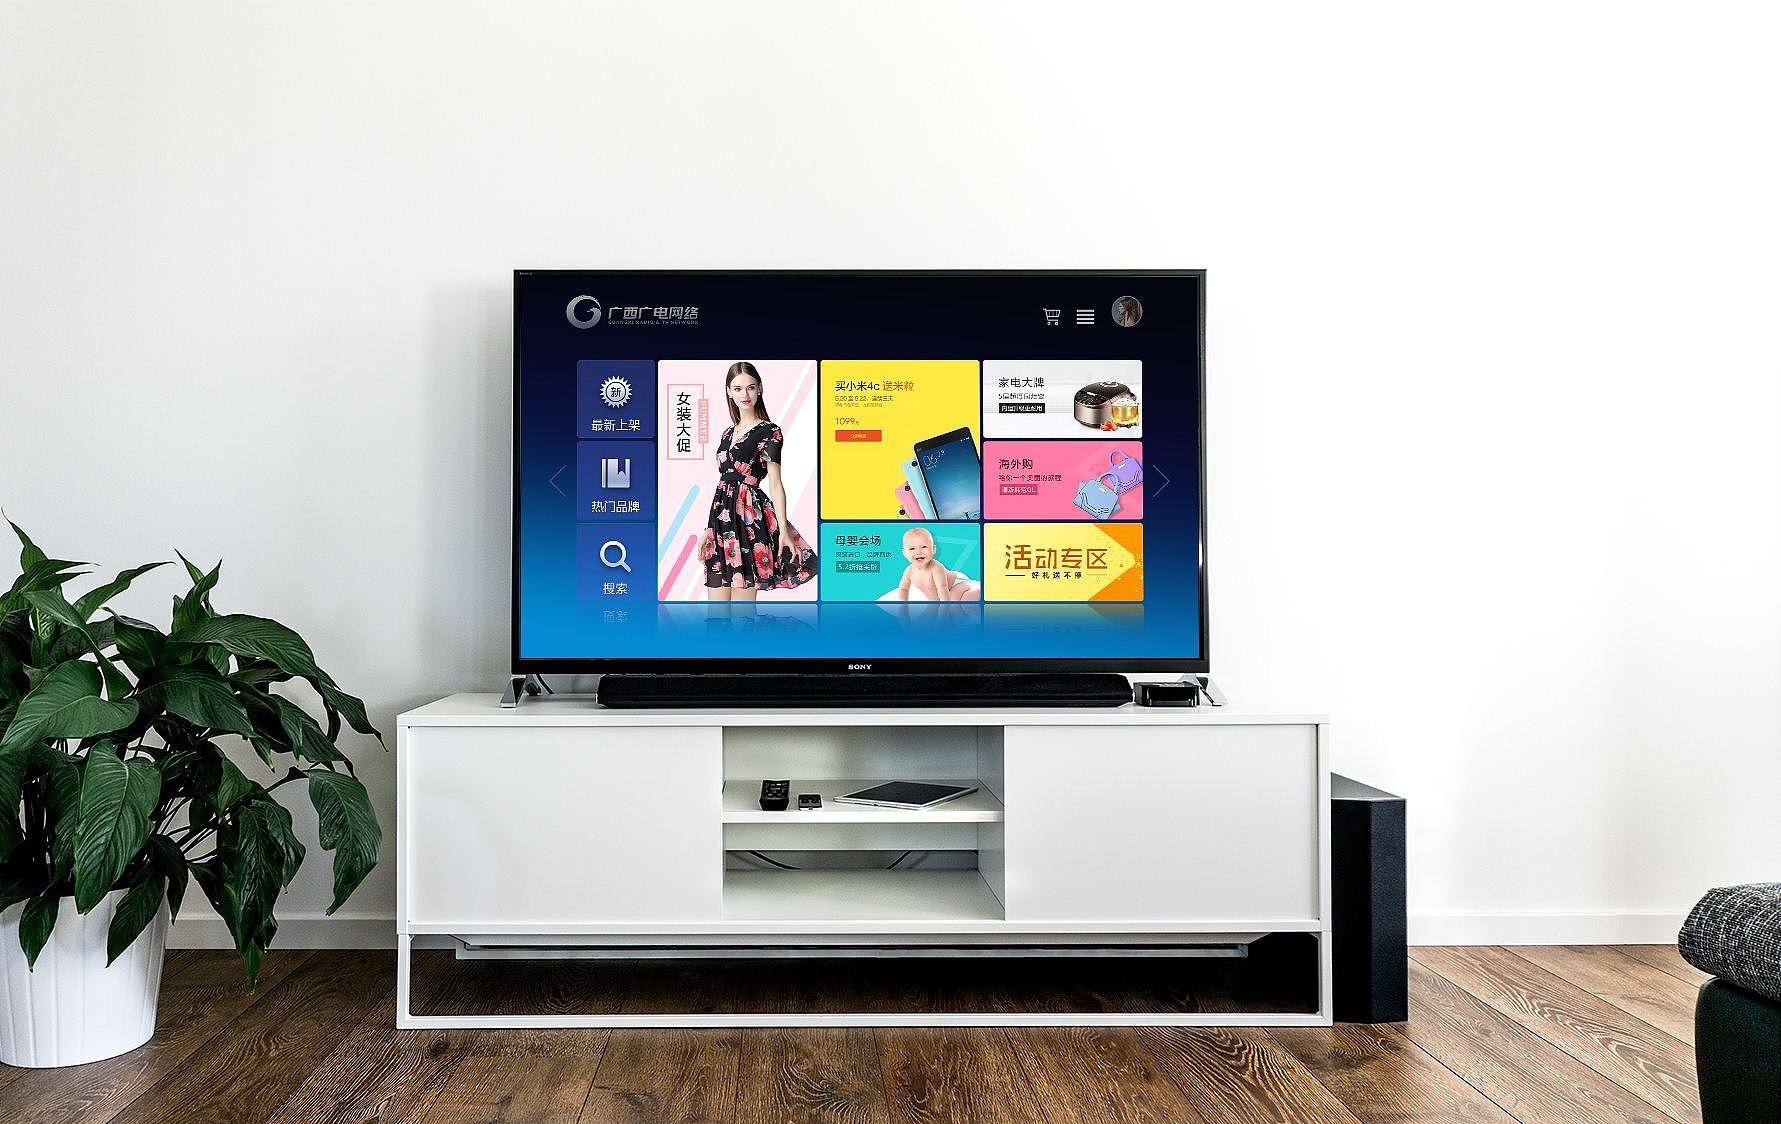 数字电视无信号怎么办